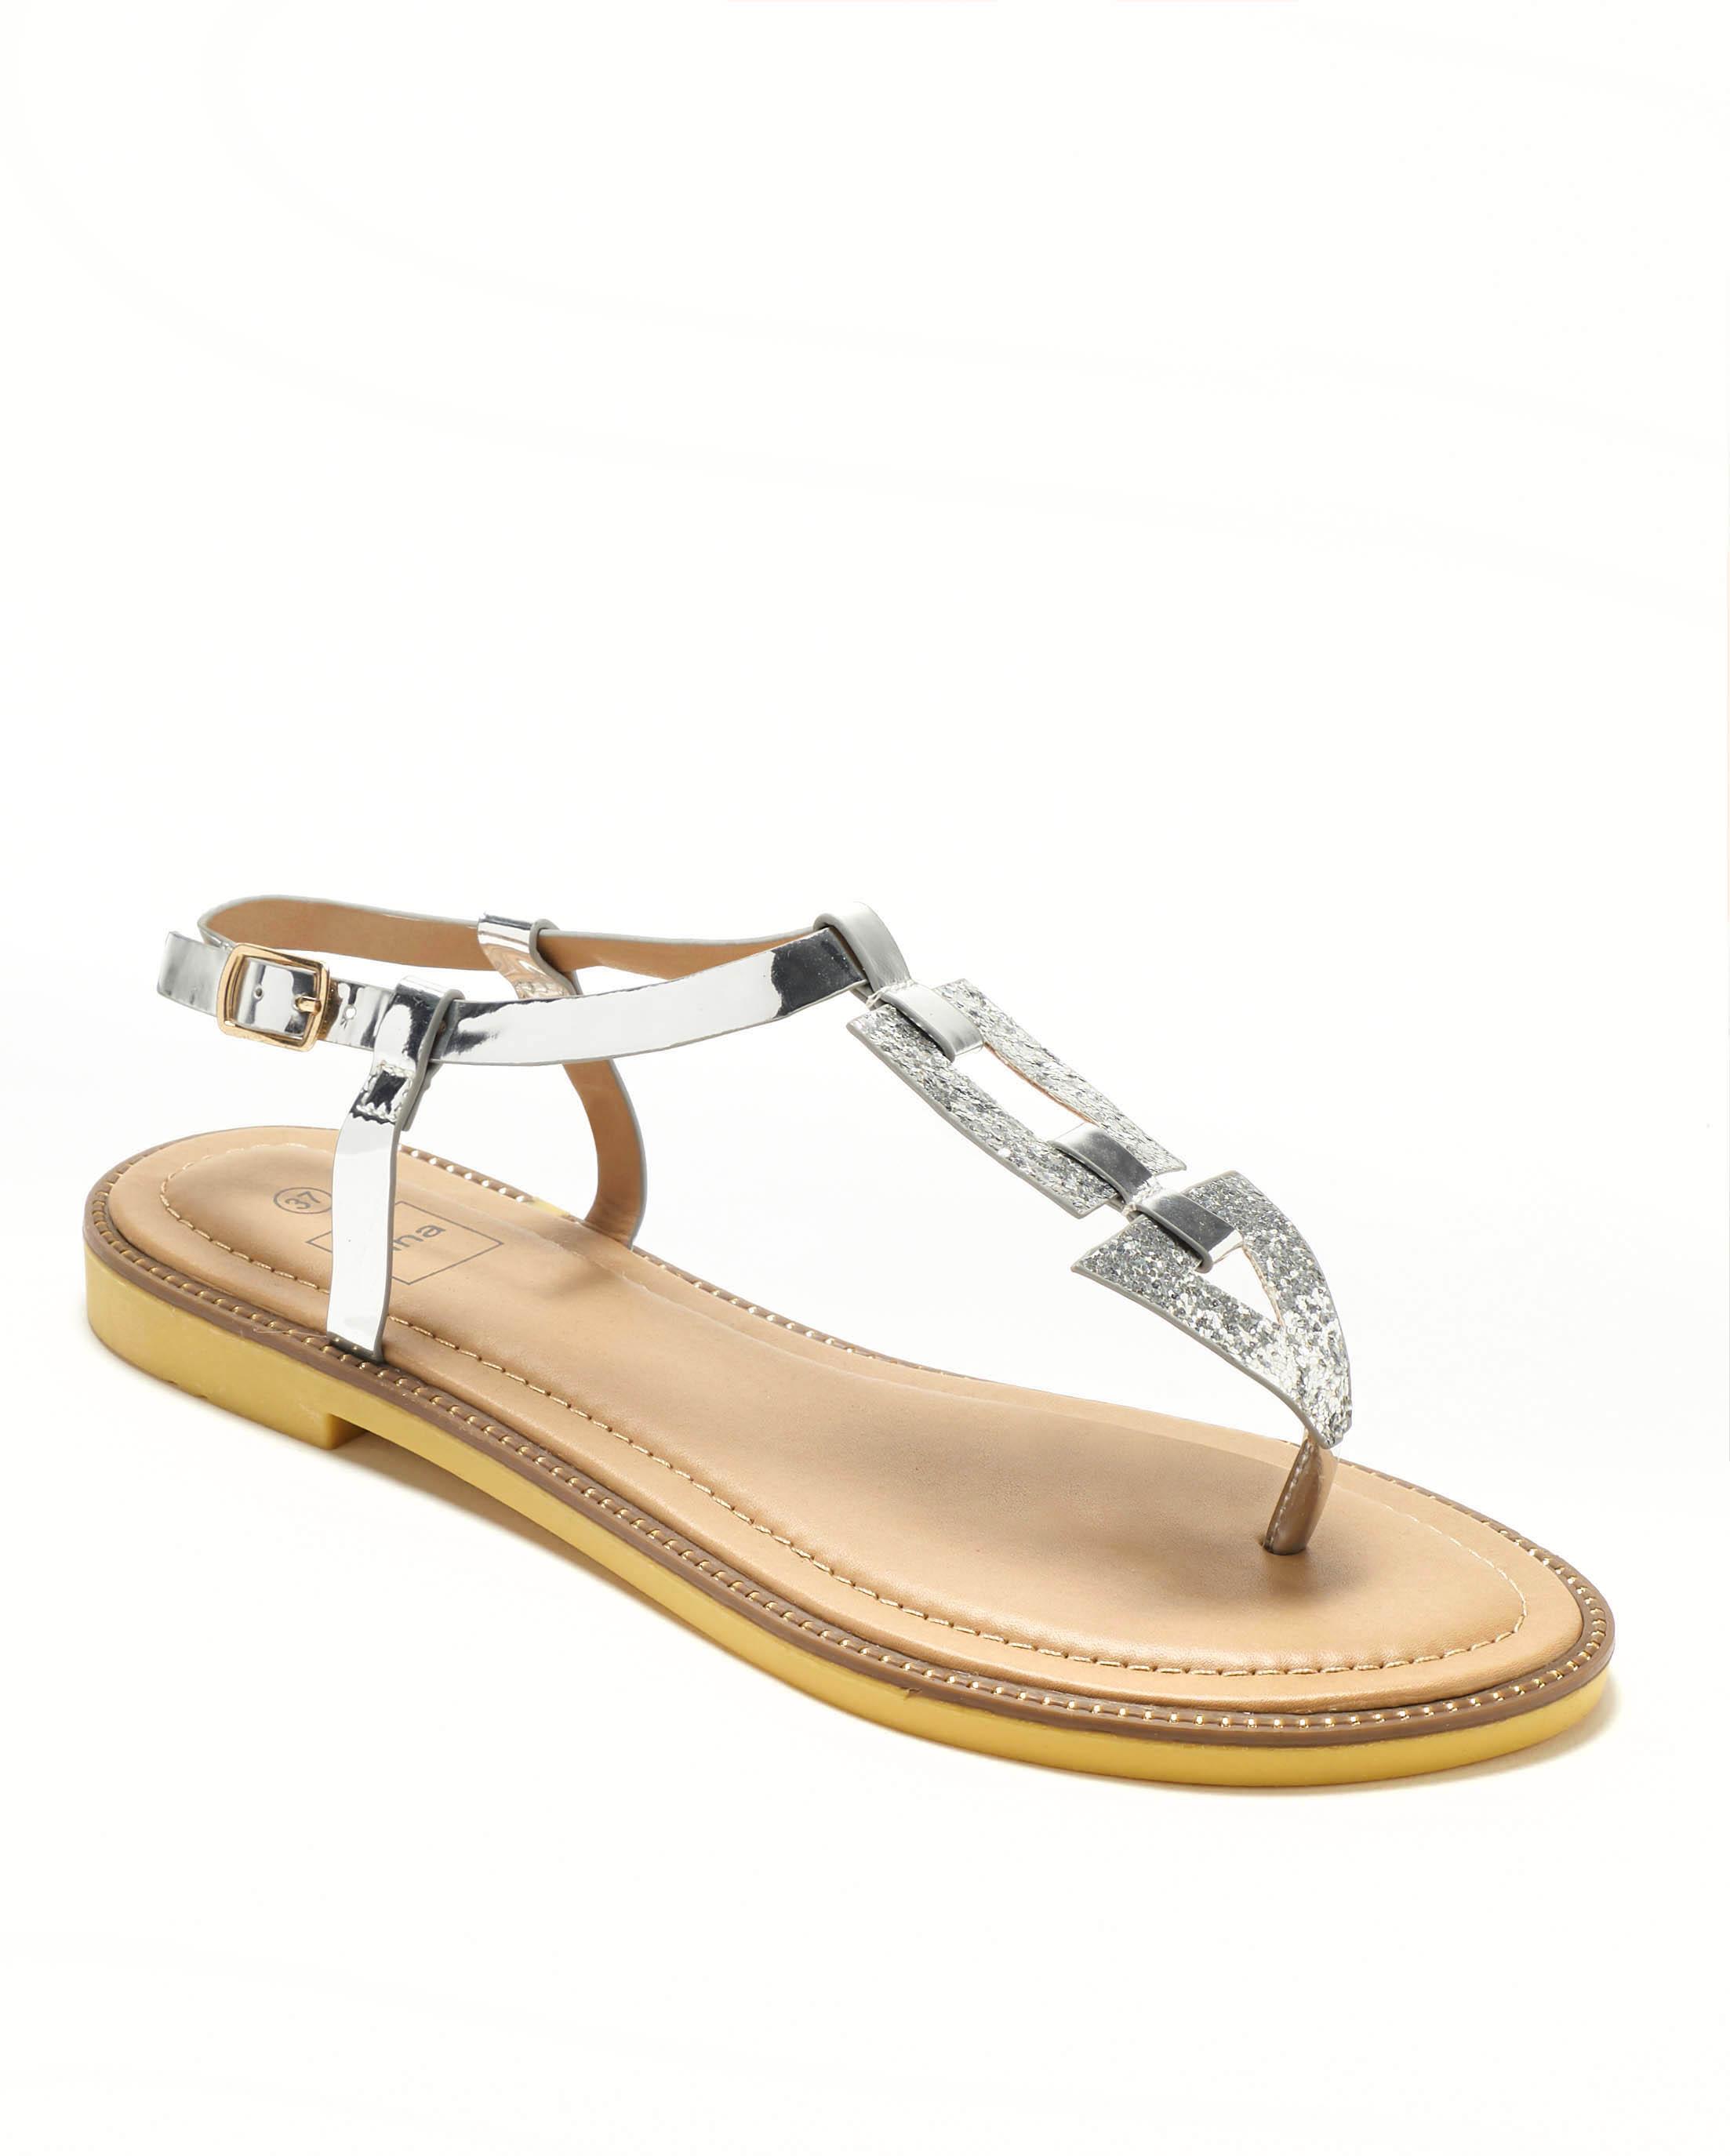 Sandales Plates Femme - Sandale Plate Argent Jina - F70009-03